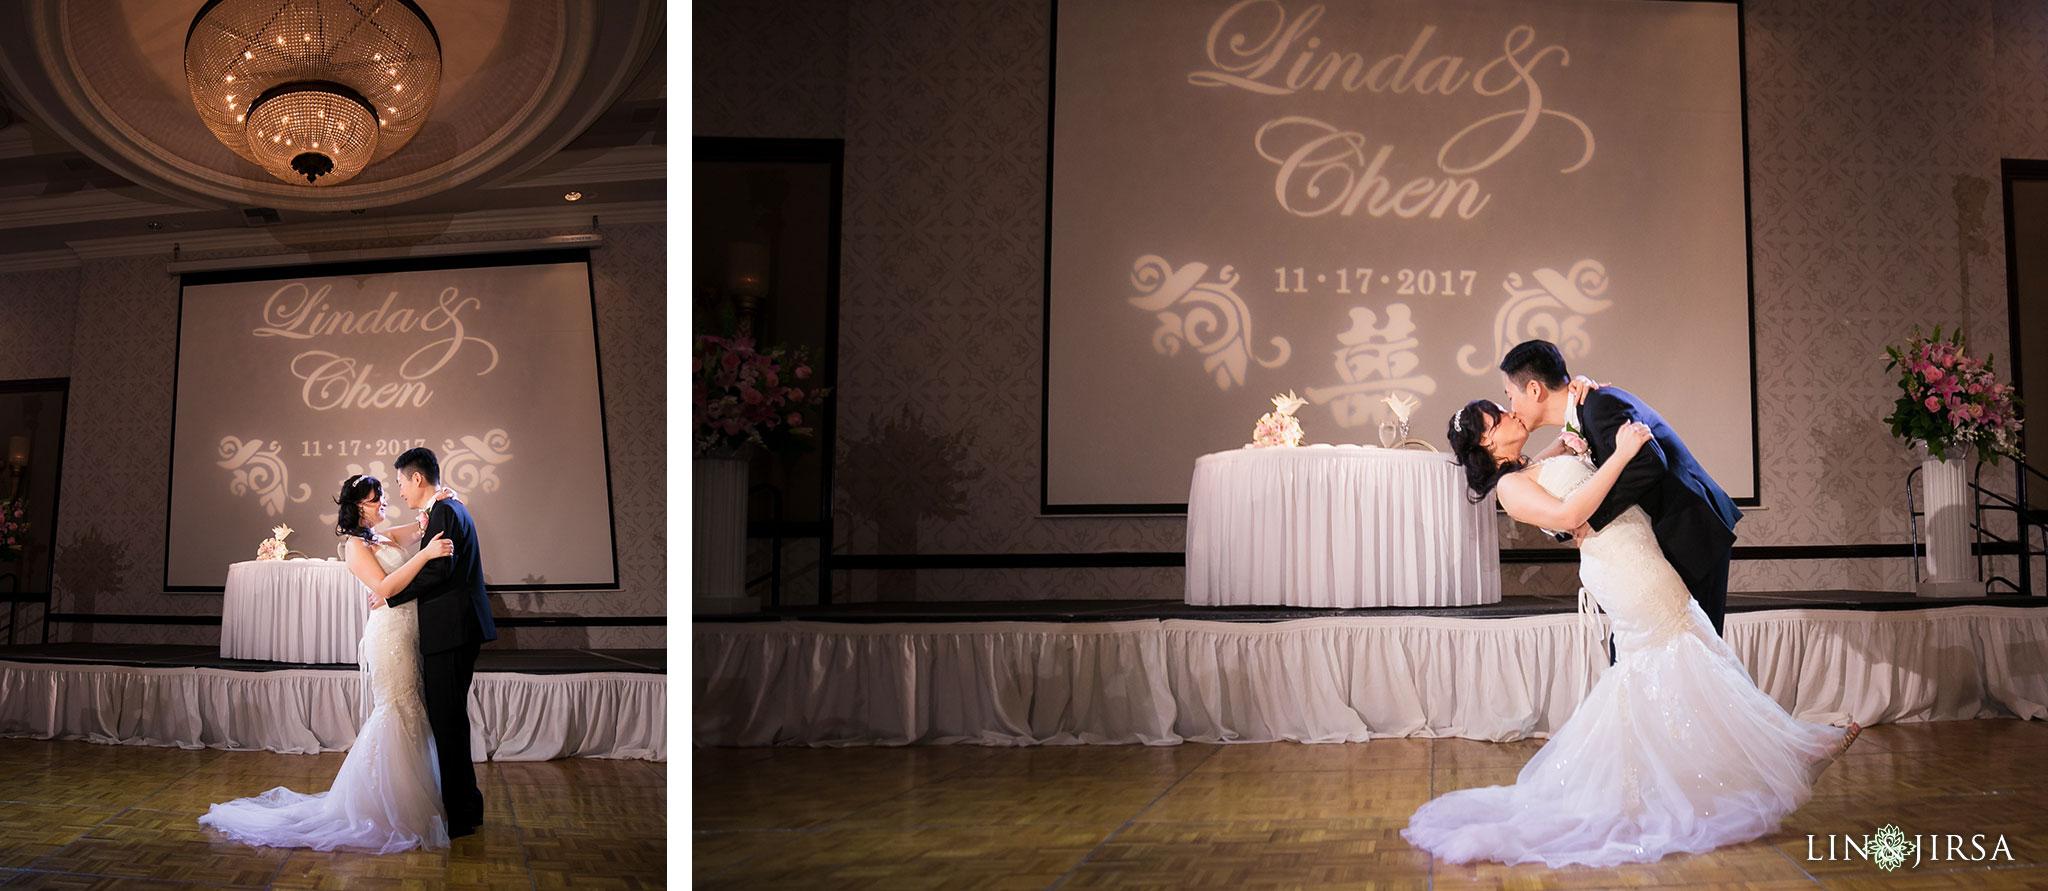 25 san gabriel hilton wedding reception photography